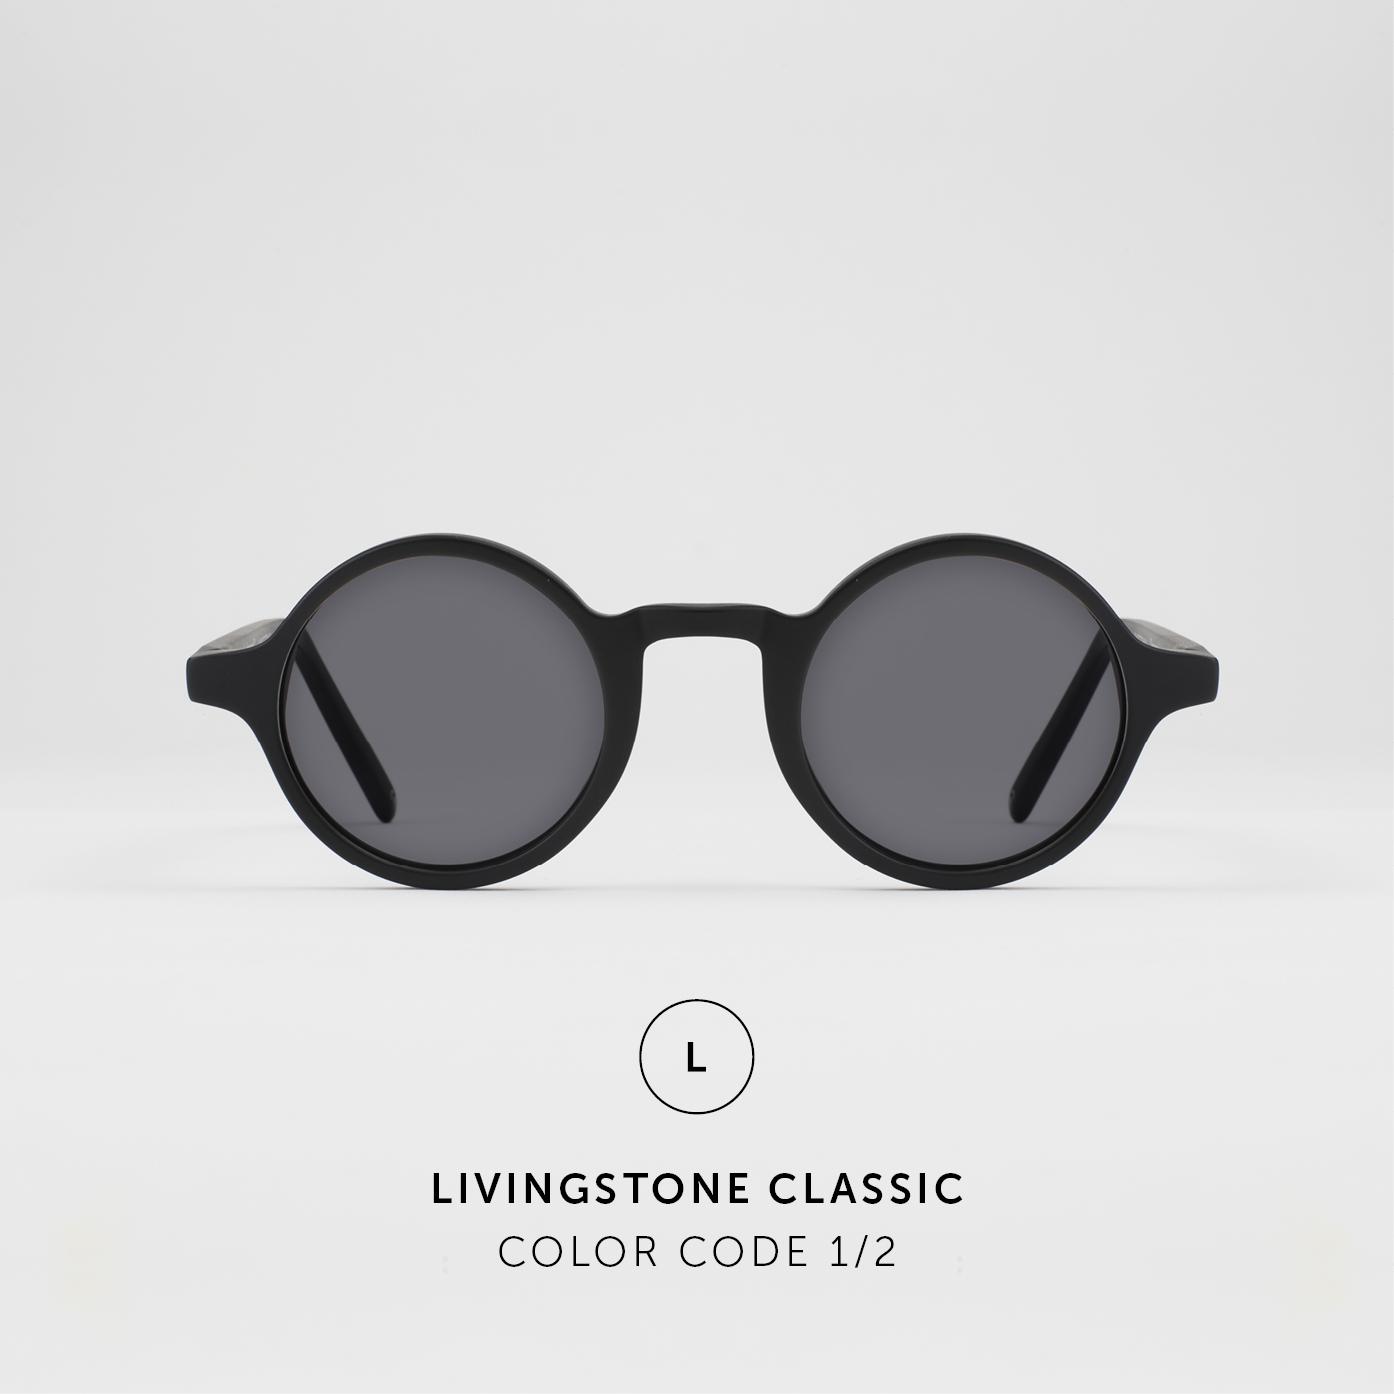 LivingstoneClassic6.jpg